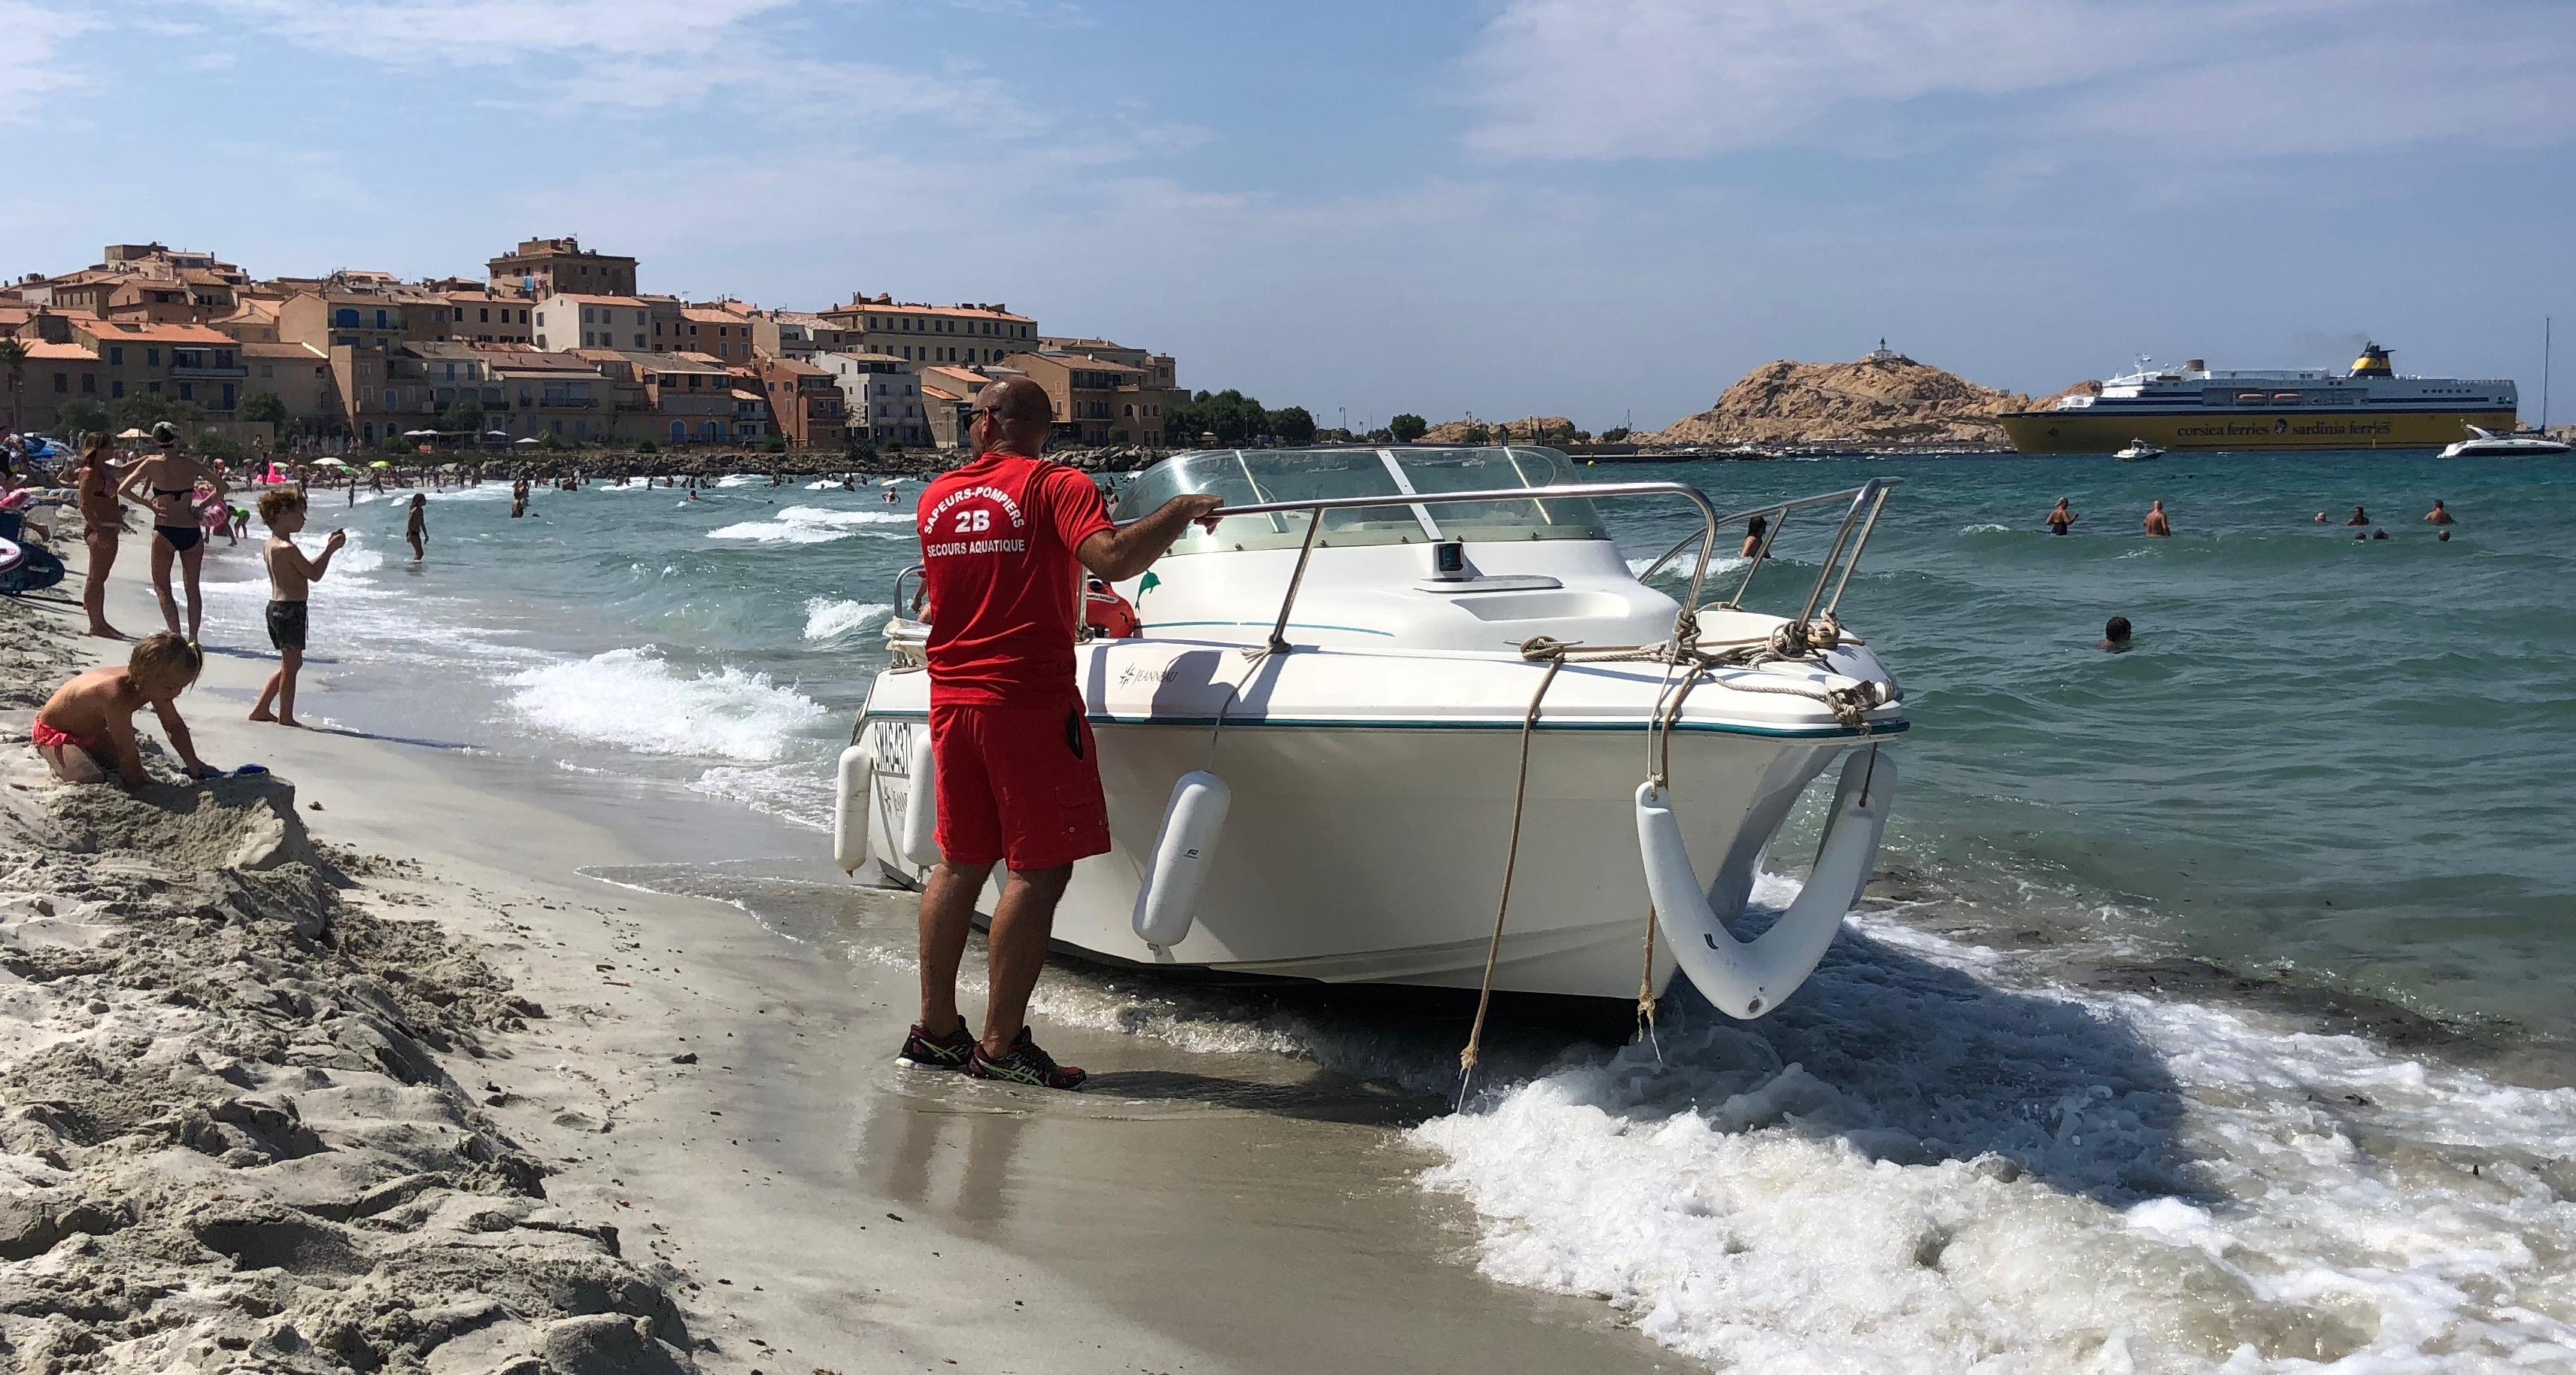 Un bateau échoué sur la plage de Lisula